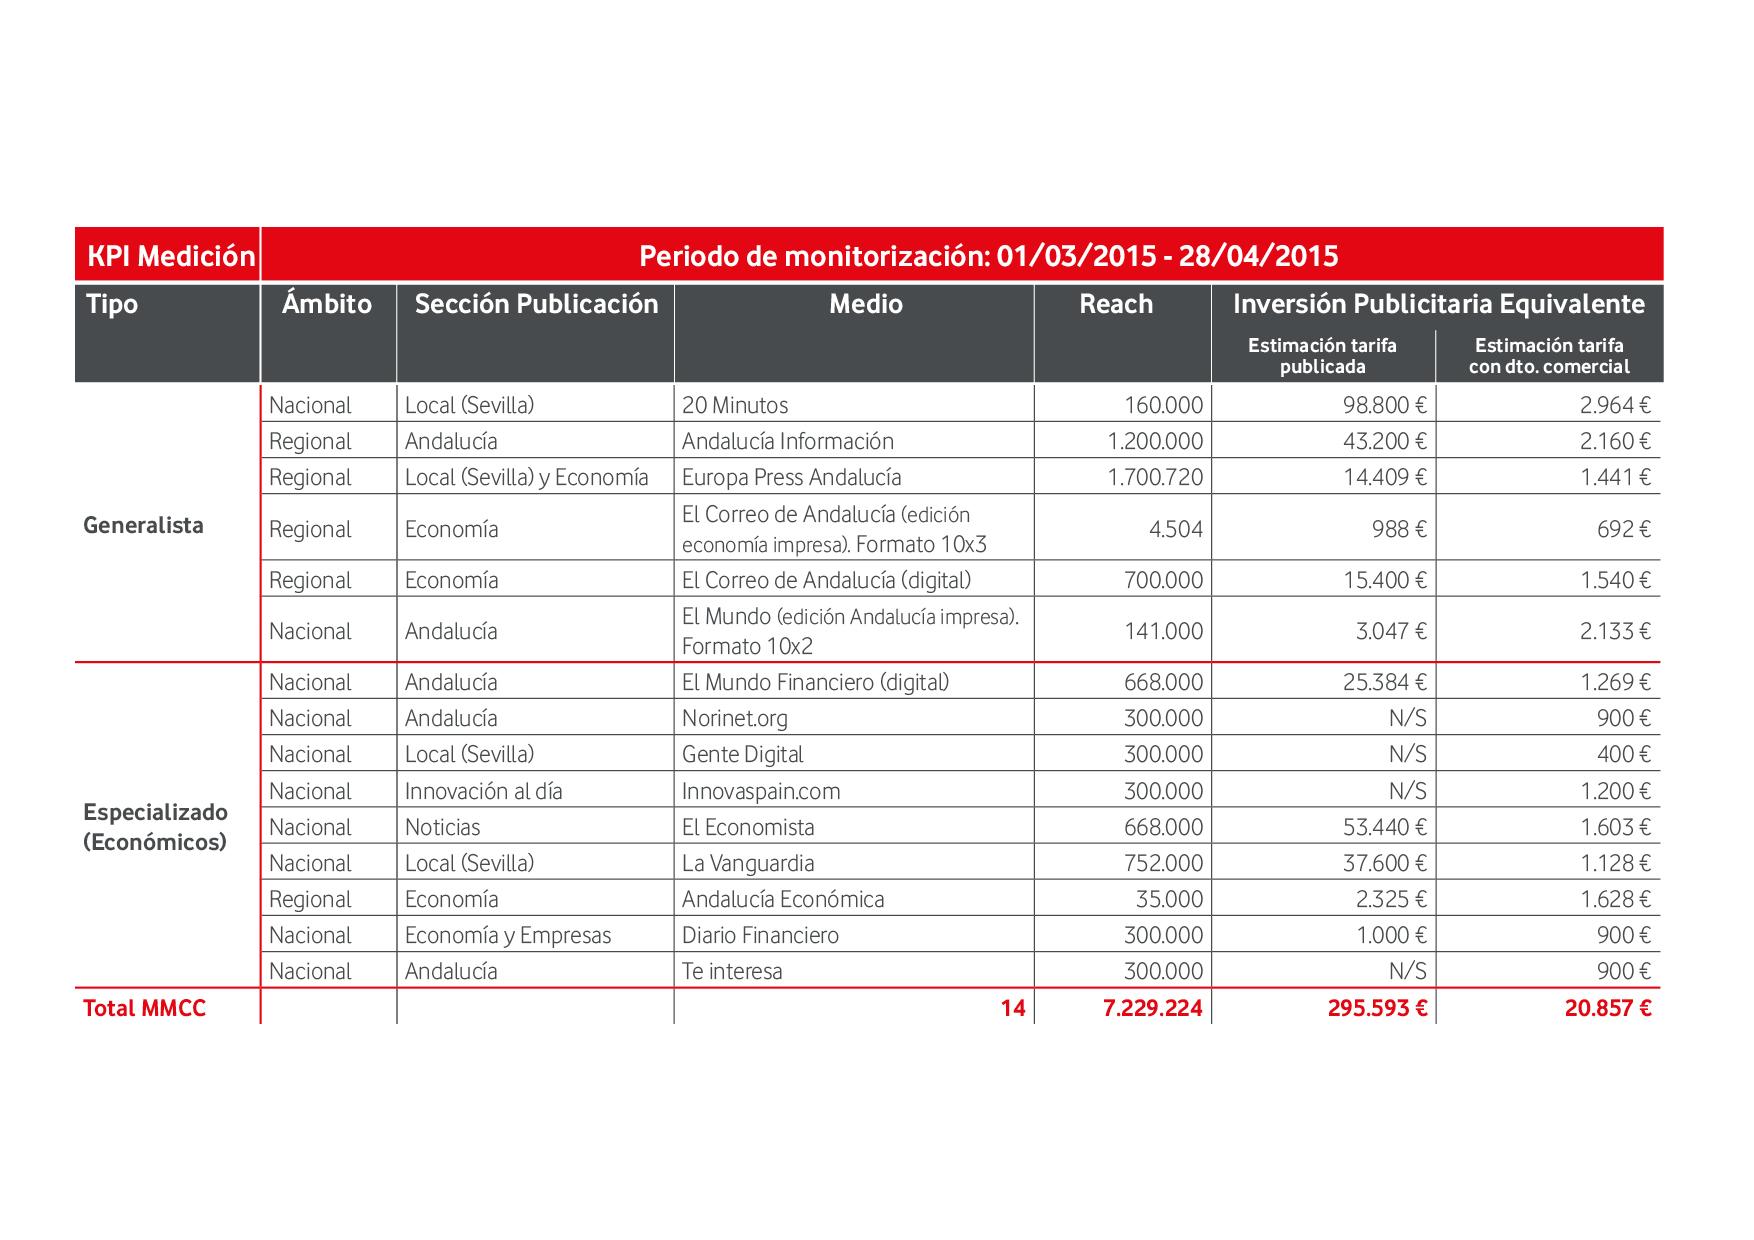 tabla de medición de impactos